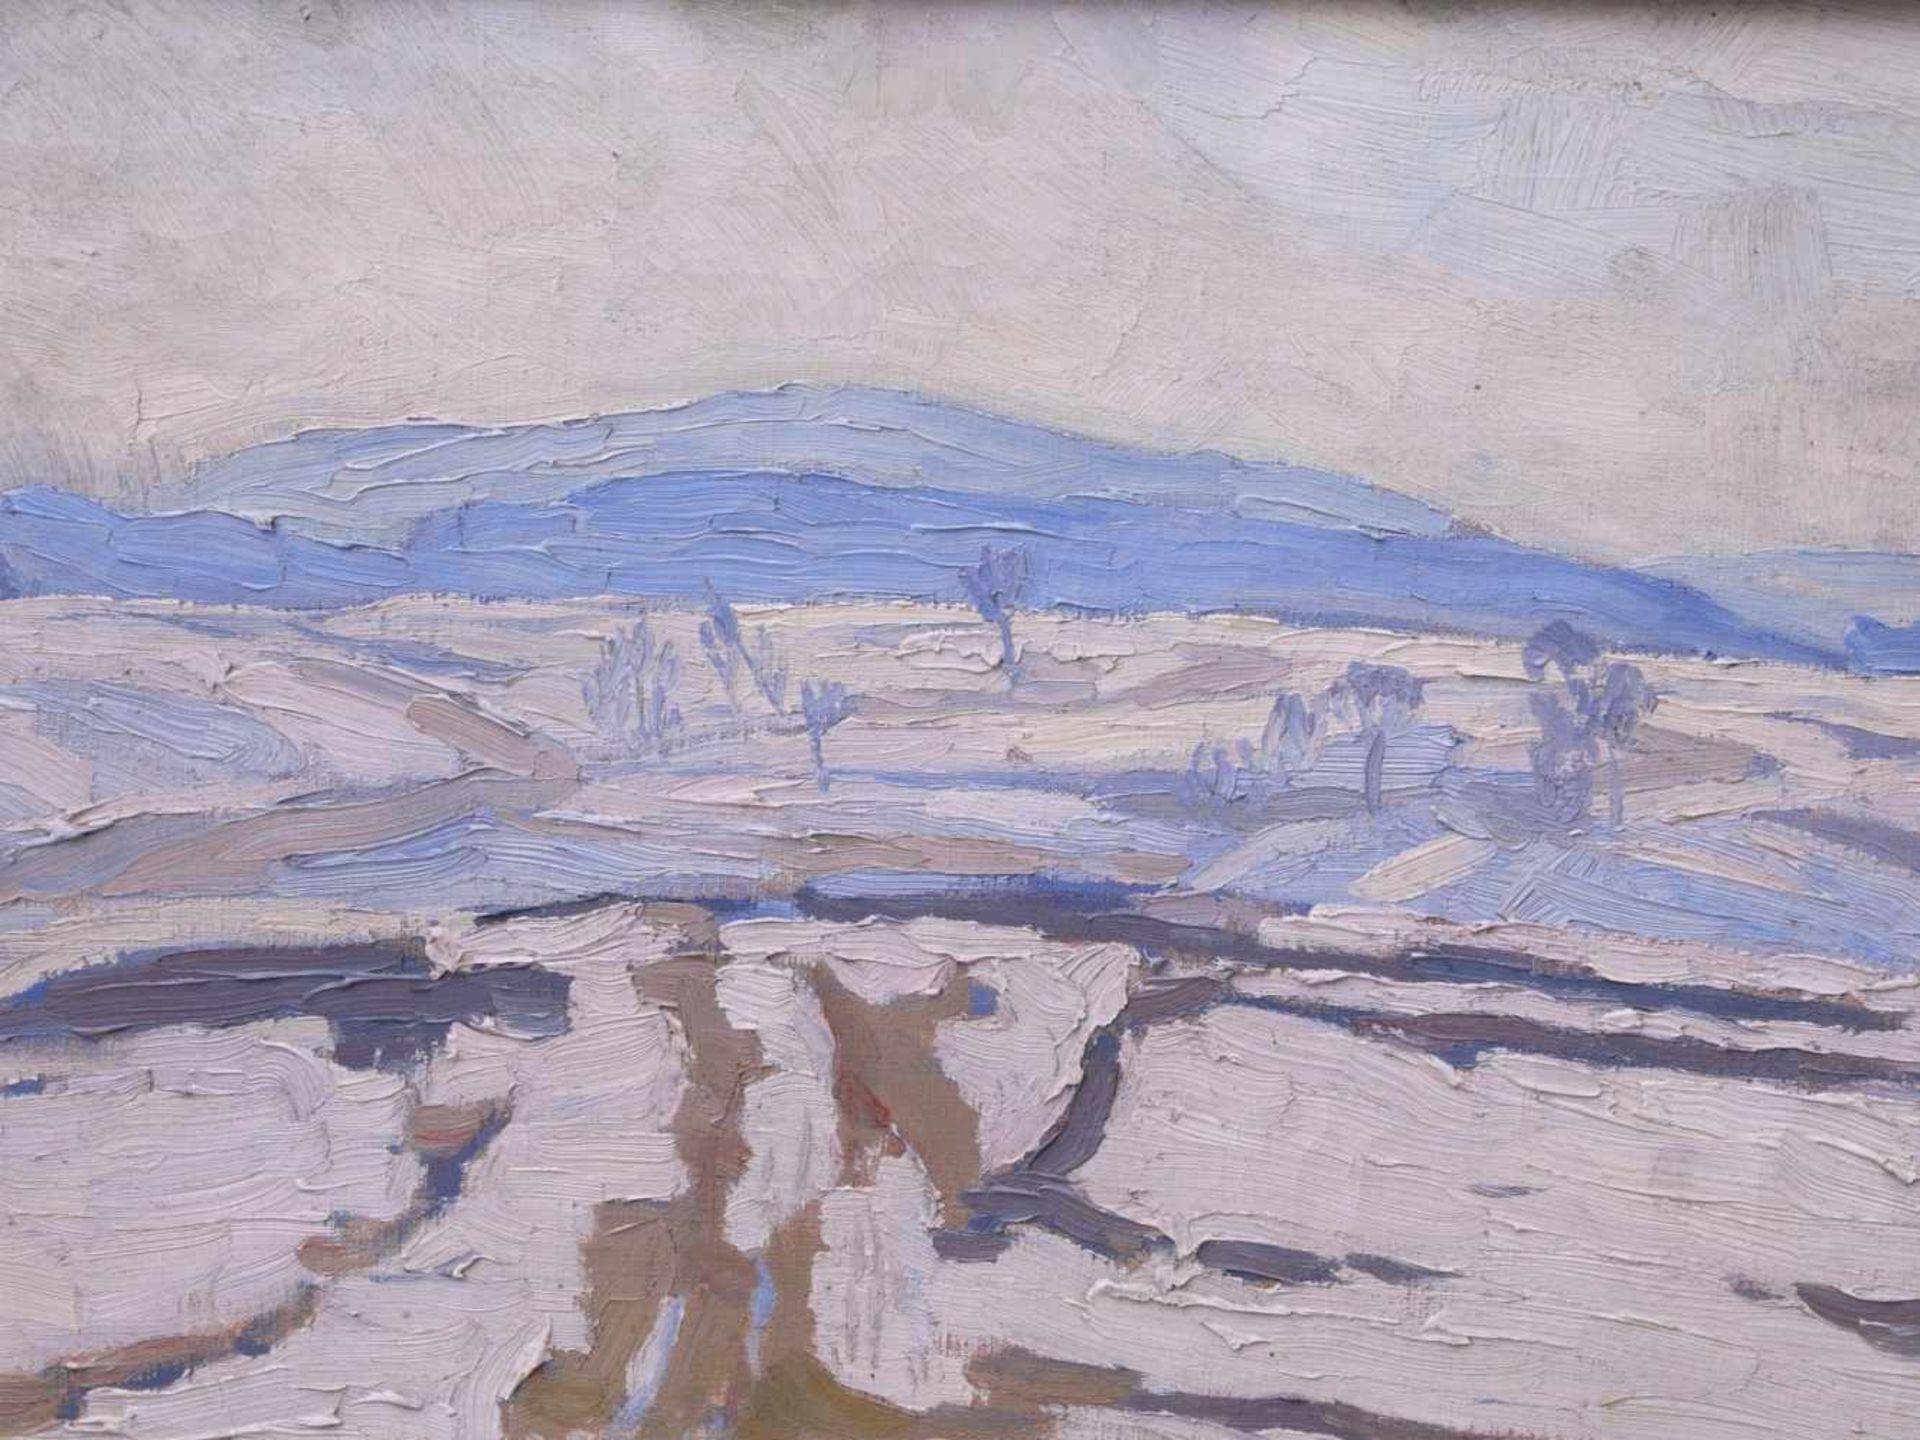 Schwemmer, Friedrich Rudolf (vor 1900 nach 1940) - Winterlandschaft um 1915Expressionistische - Bild 4 aus 5